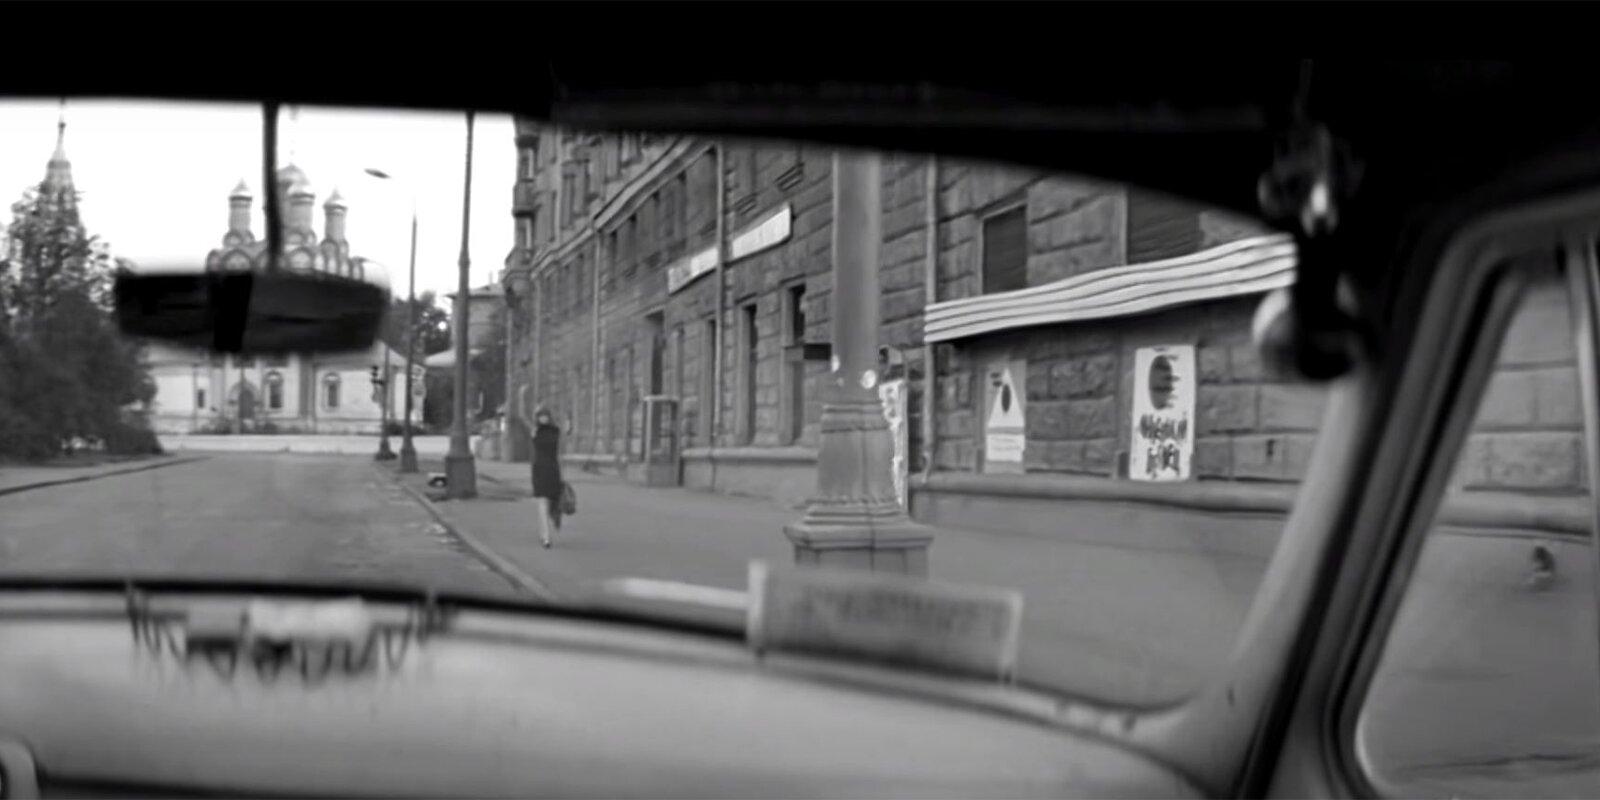 Кадр из фильма «Три тополя на Плющихе». Режиссер Т. Лиознова. 1968 год